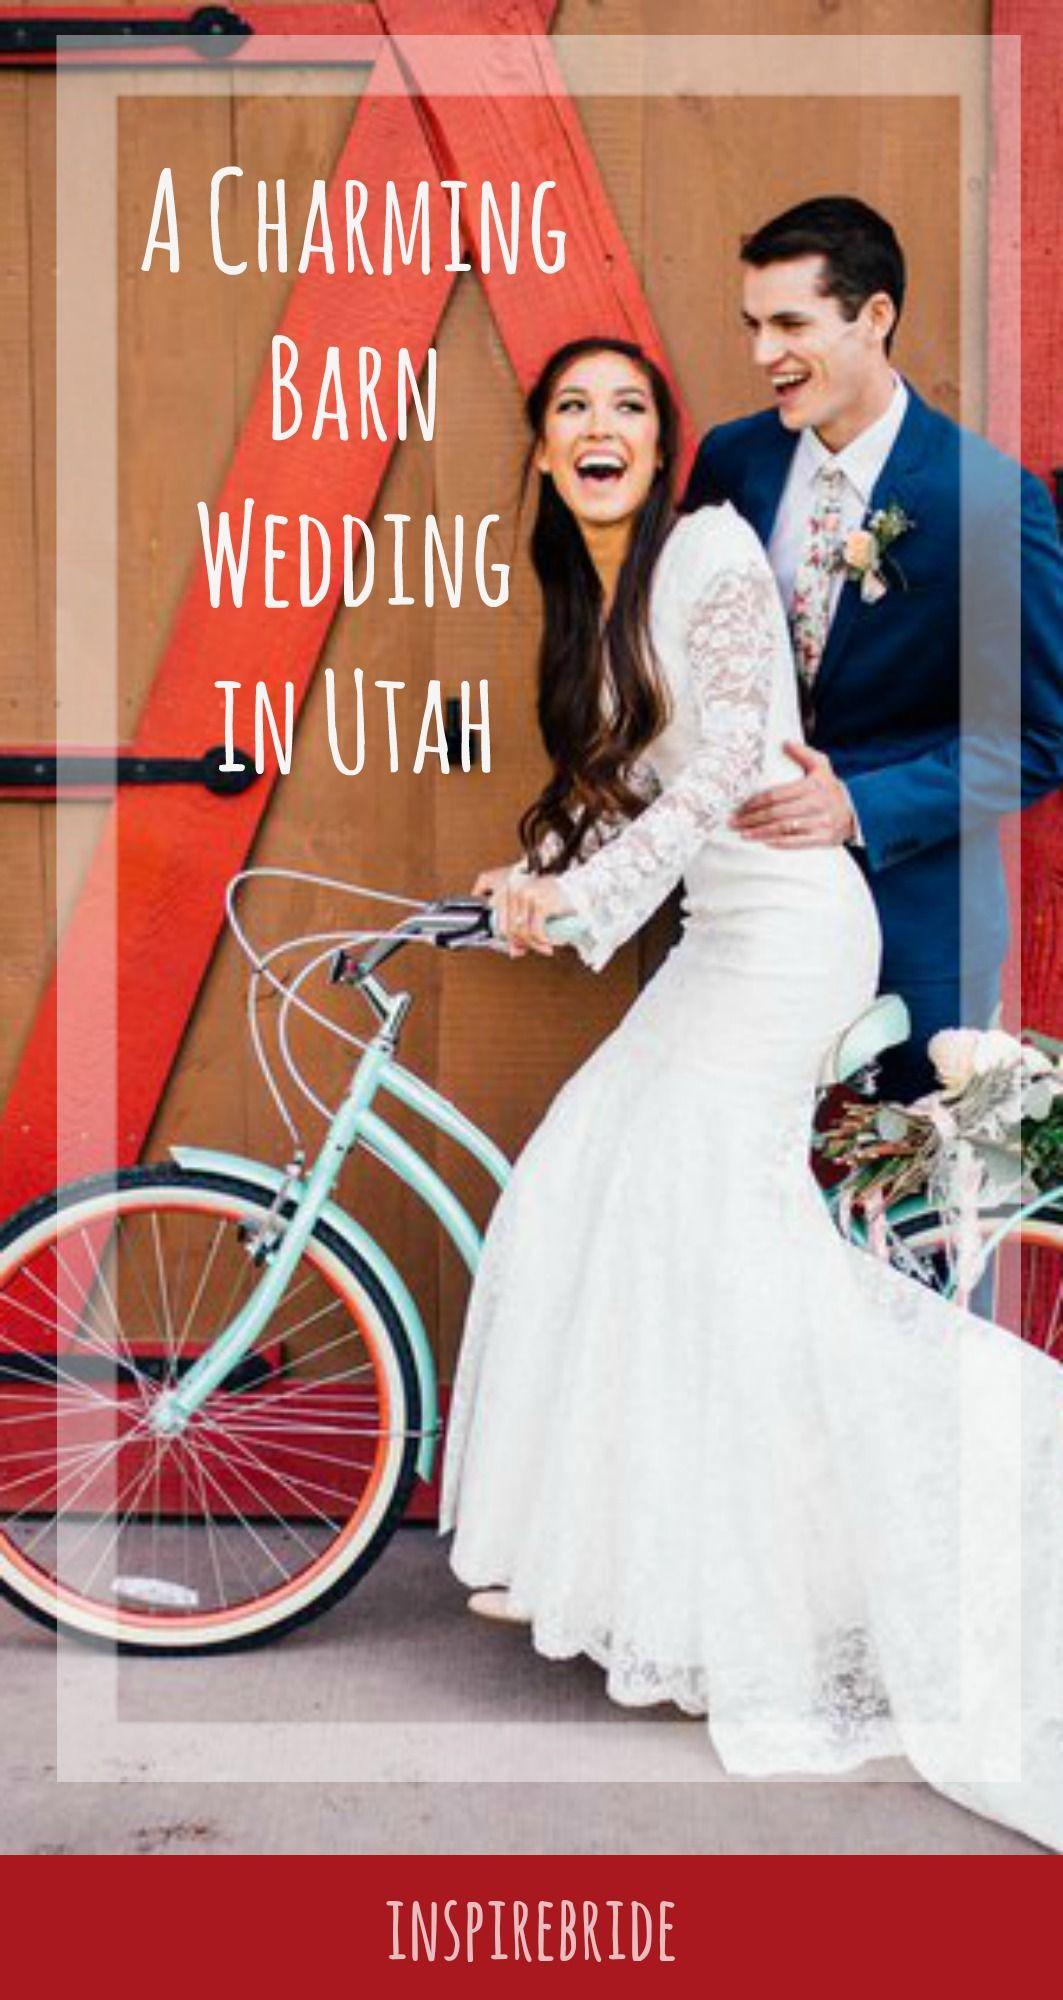 A Charming Barn Wedding In Utah